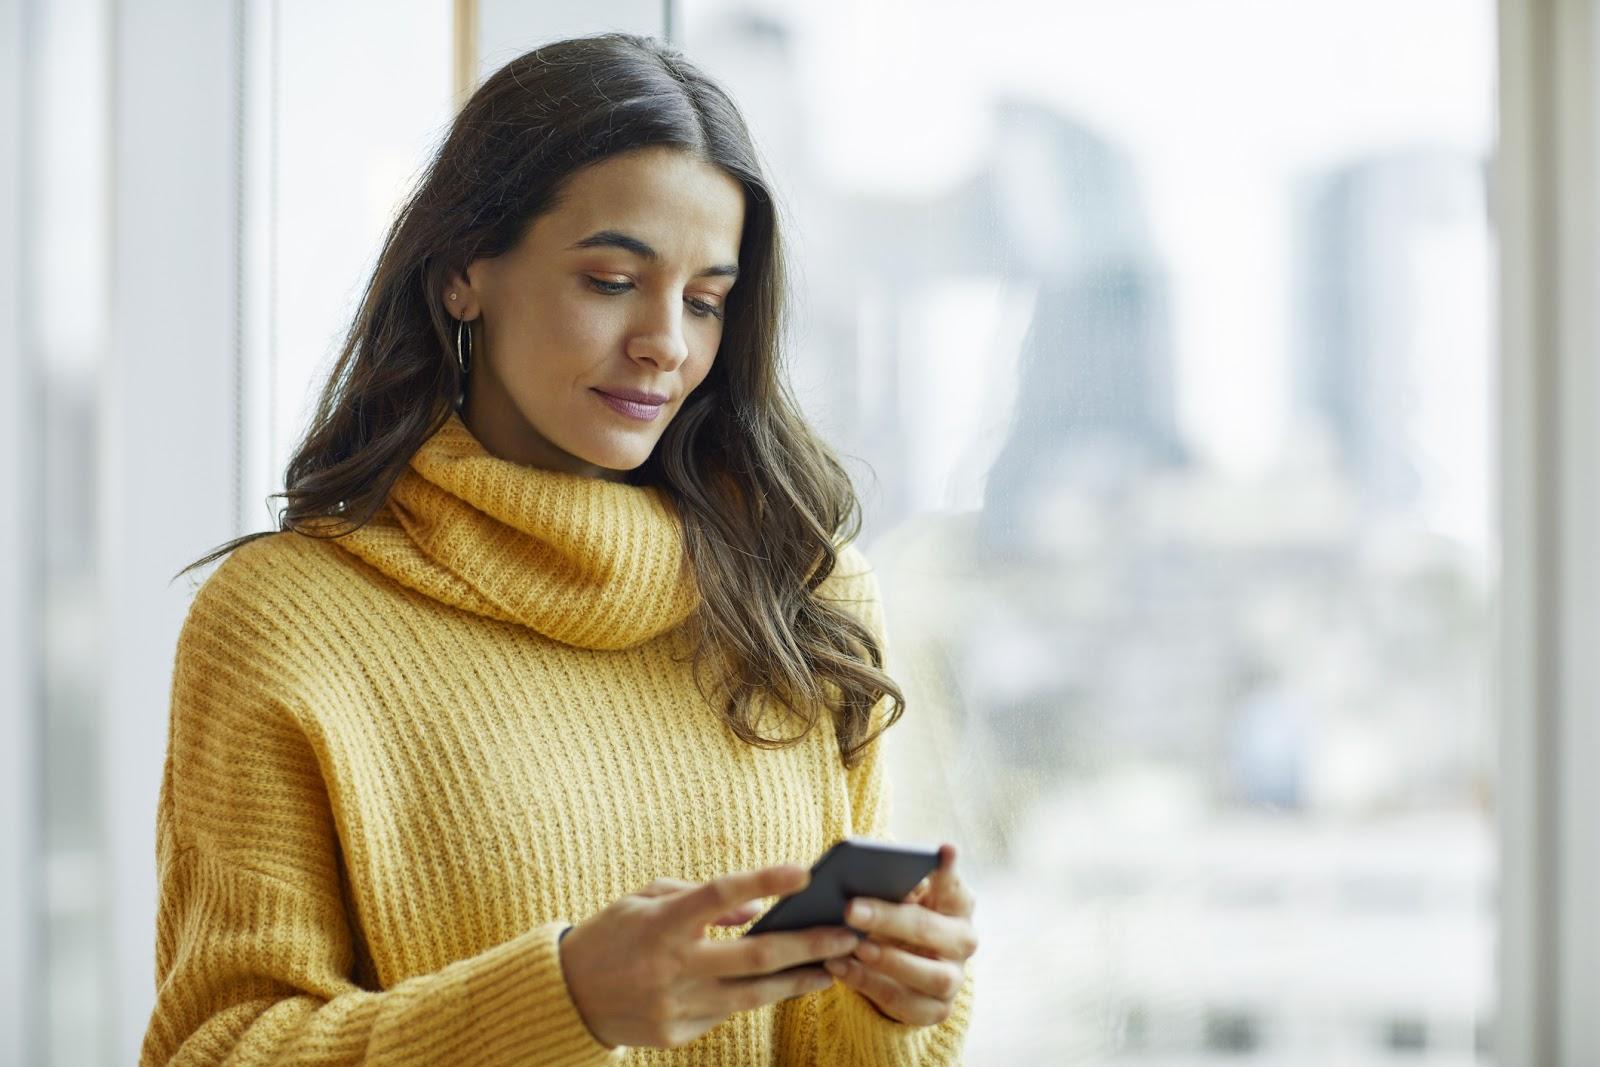 Cómo proteger la información del celular ante las amenazas cibernéticas